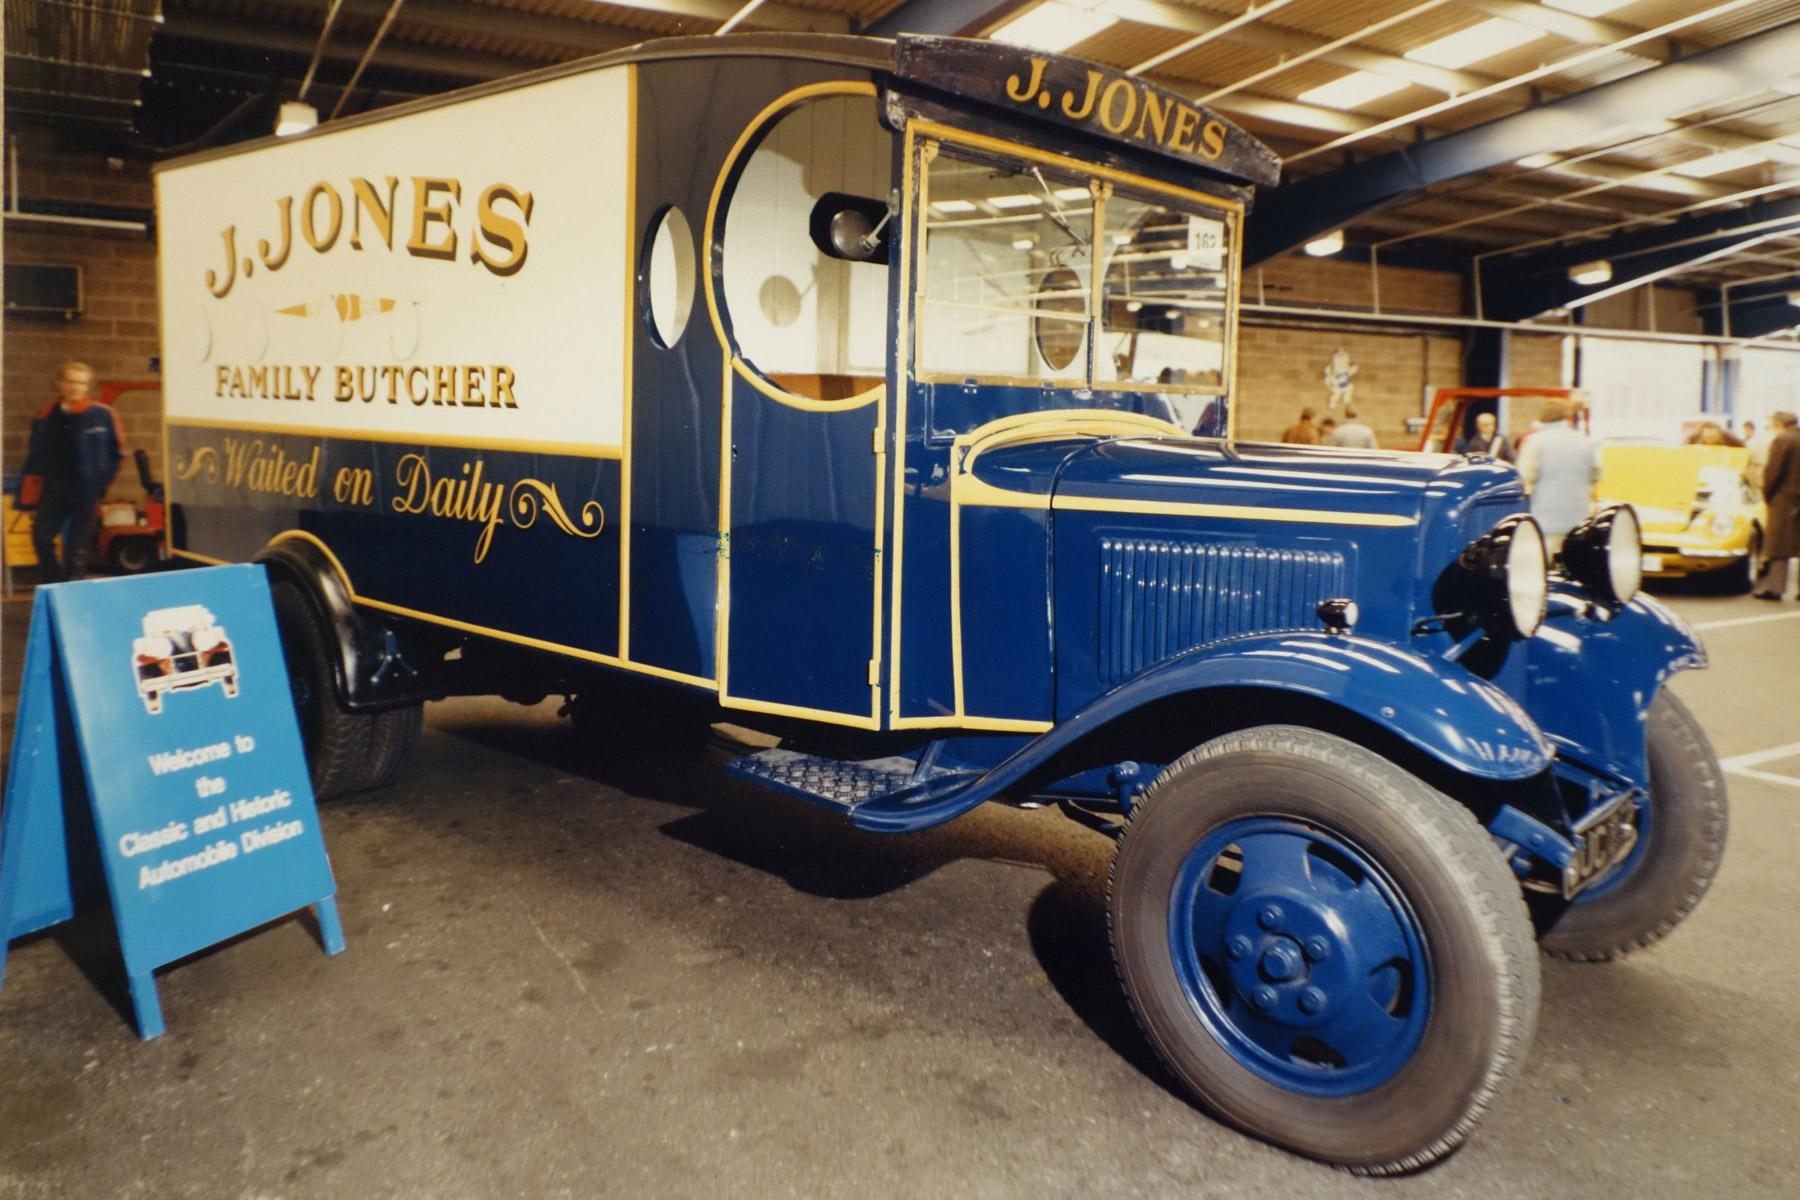 8: Jonesy's Van